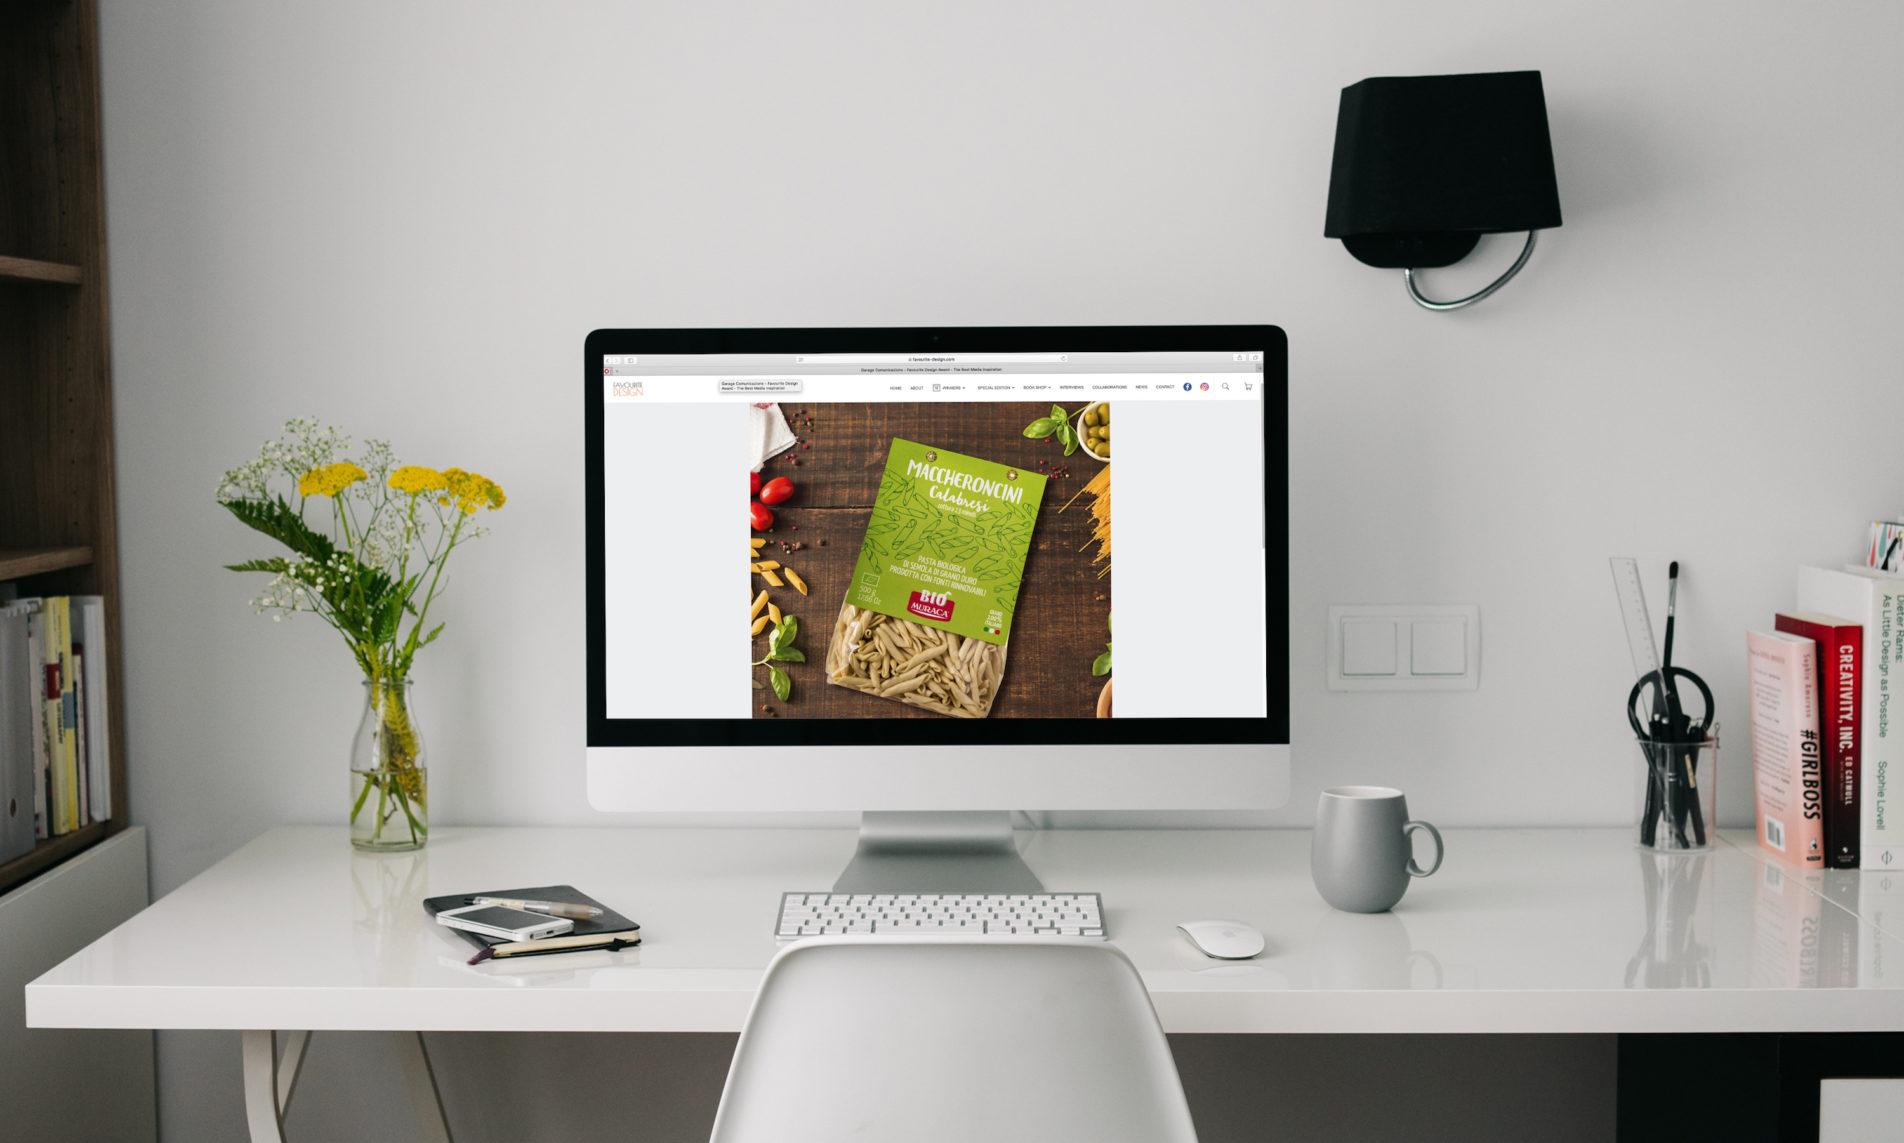 Il packaging della pasta Biologica Muraca progettato da Garage Comunicazione premiato da Favourite Design